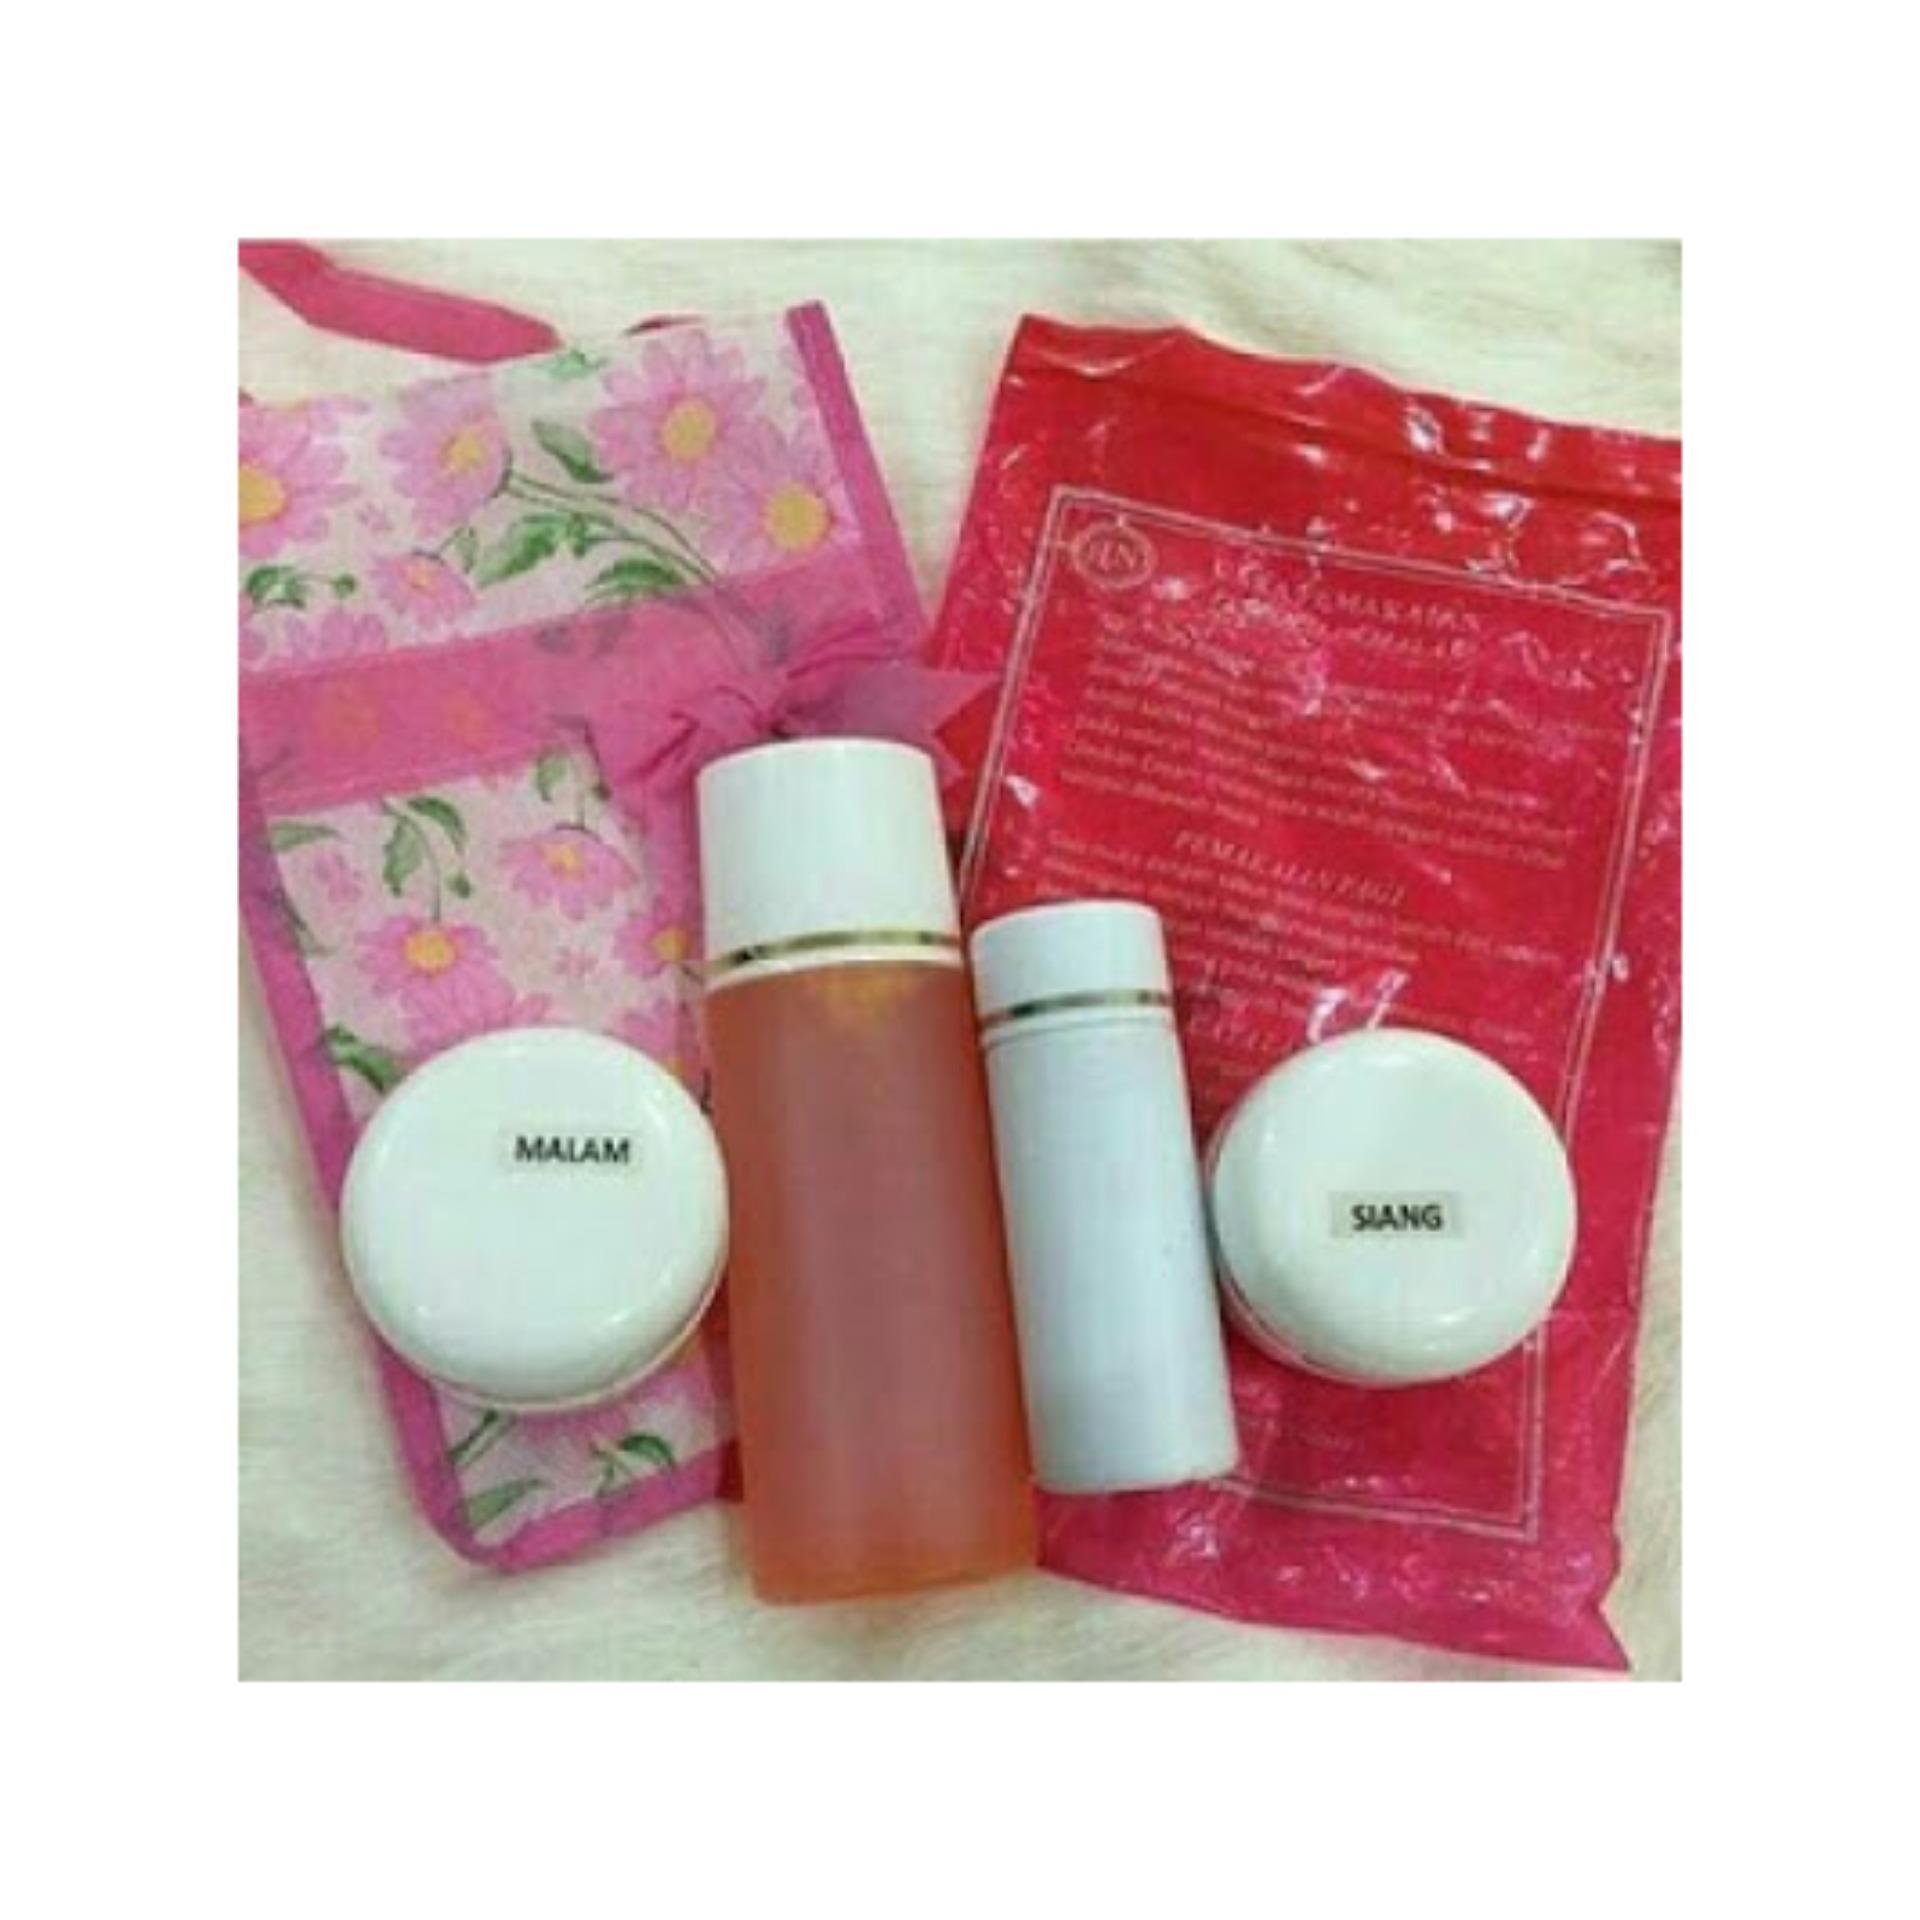 Beli Best Seller Paket Hn 30 Gr Cream Sabun Toner Murah Di Sulawesi Selatan